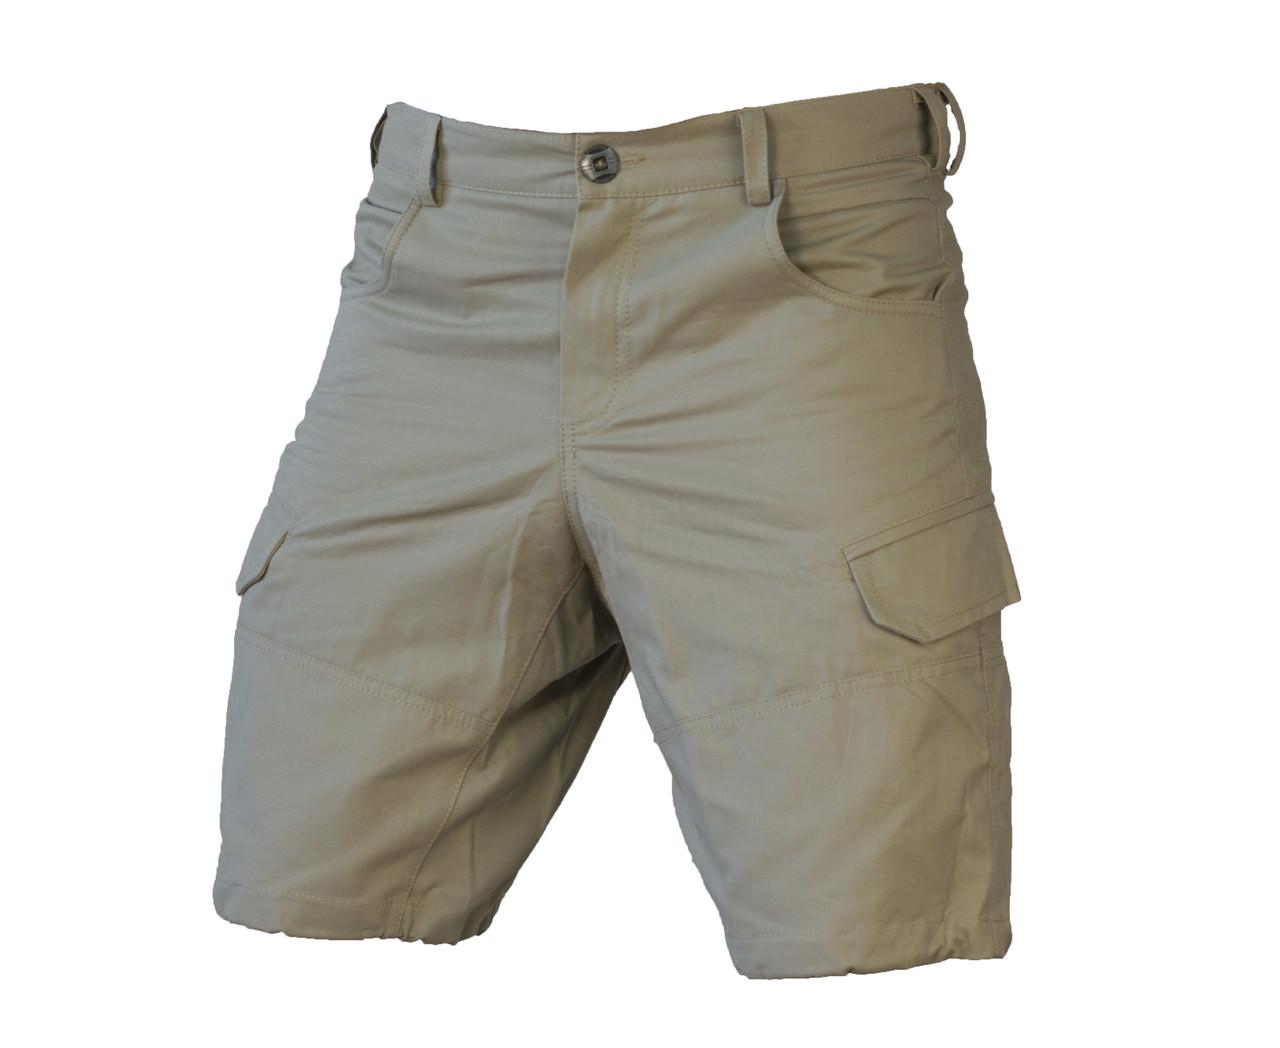 Мужские функциональные шорты с карманами карго бежевые